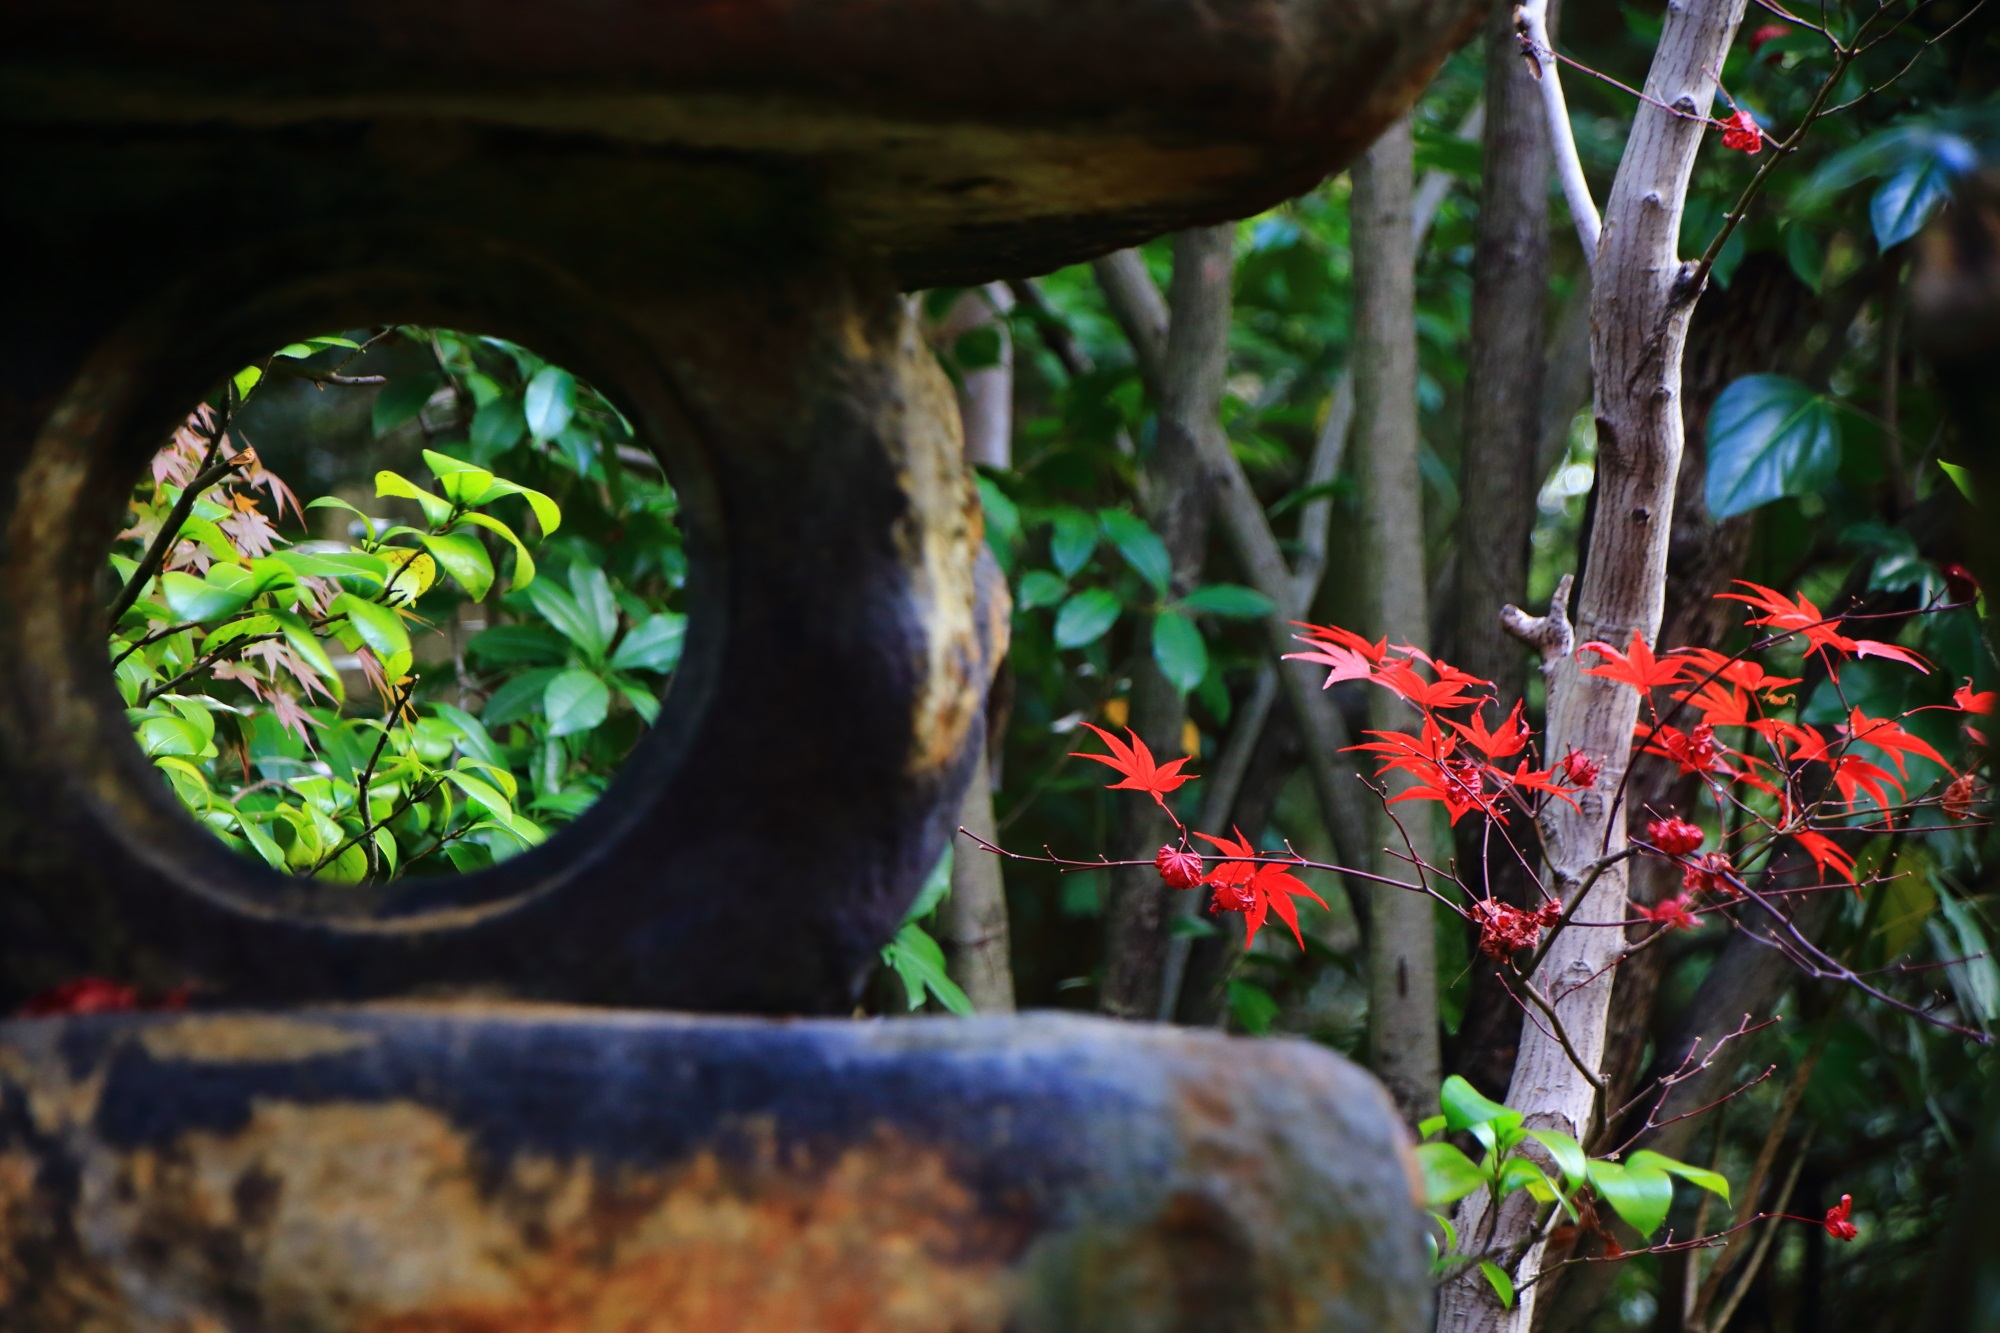 燈籠の奥に見える鮮やかな赤い紅葉と淡い緑